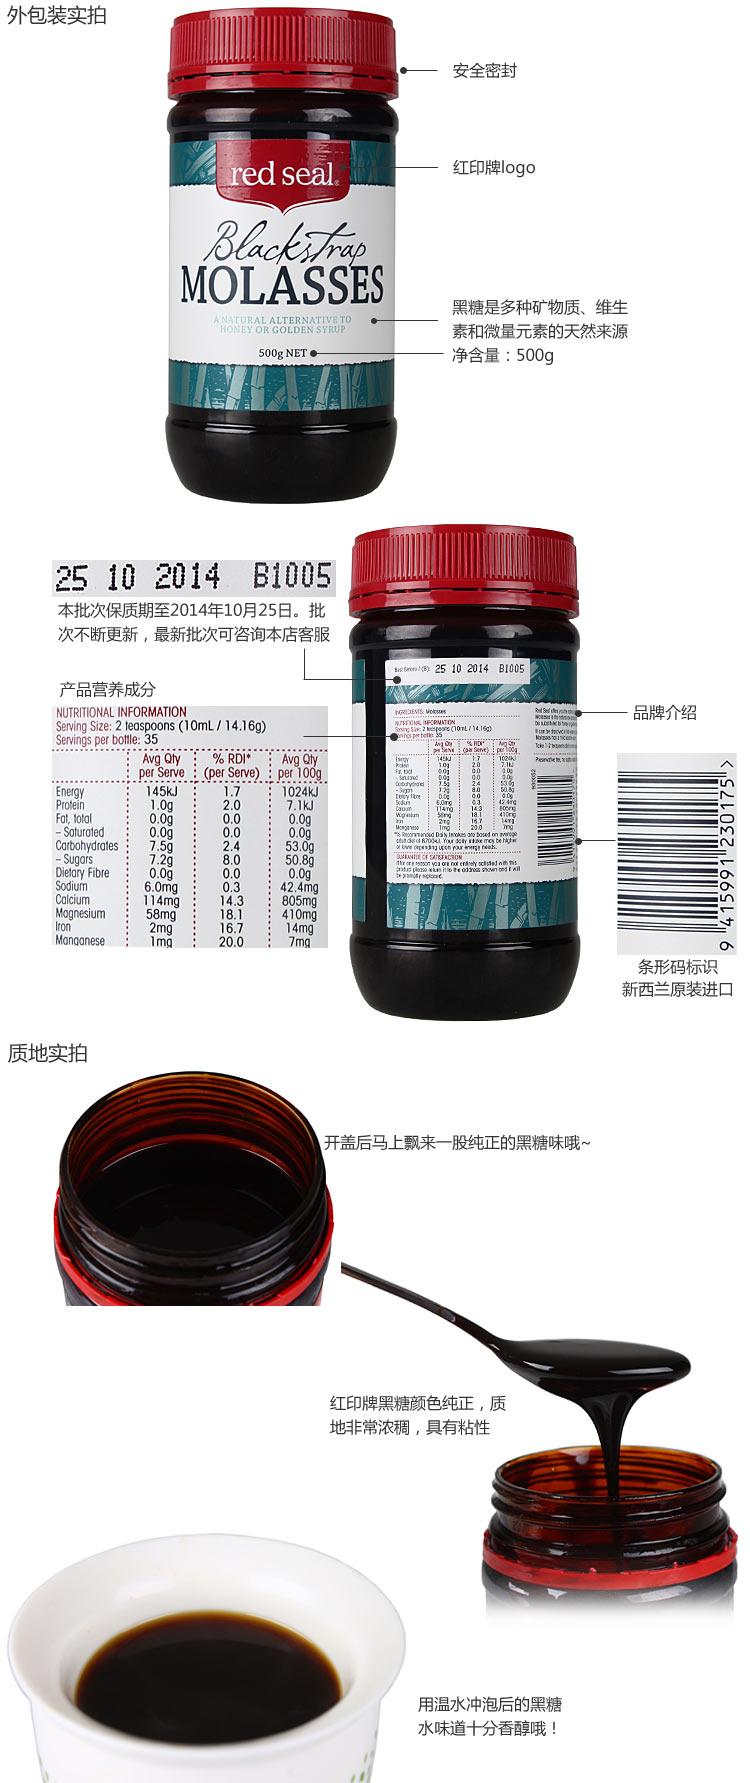 新西兰红印Red Seal优质黑糖/红糖500g舒缓痛经不适 补铁月子补品 商品图片